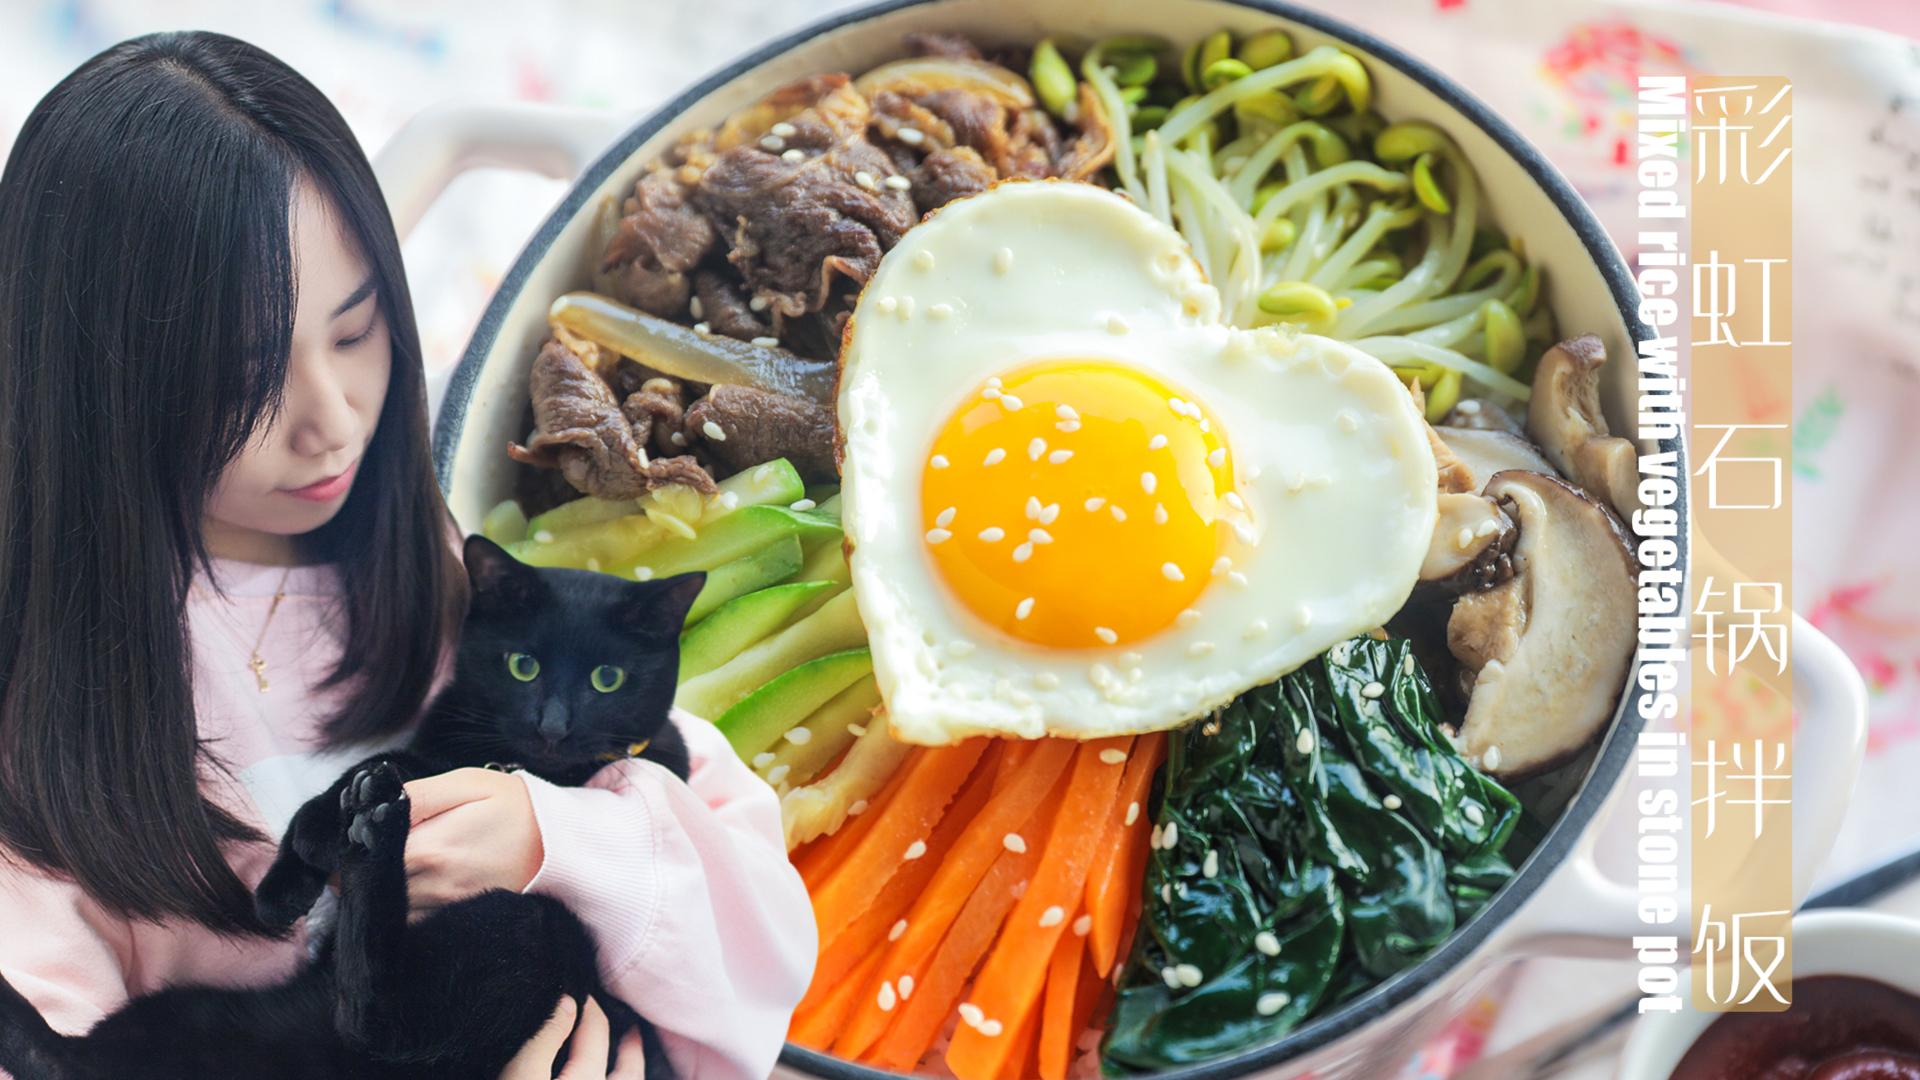 「厨娘物语」130彩虹石锅拌饭